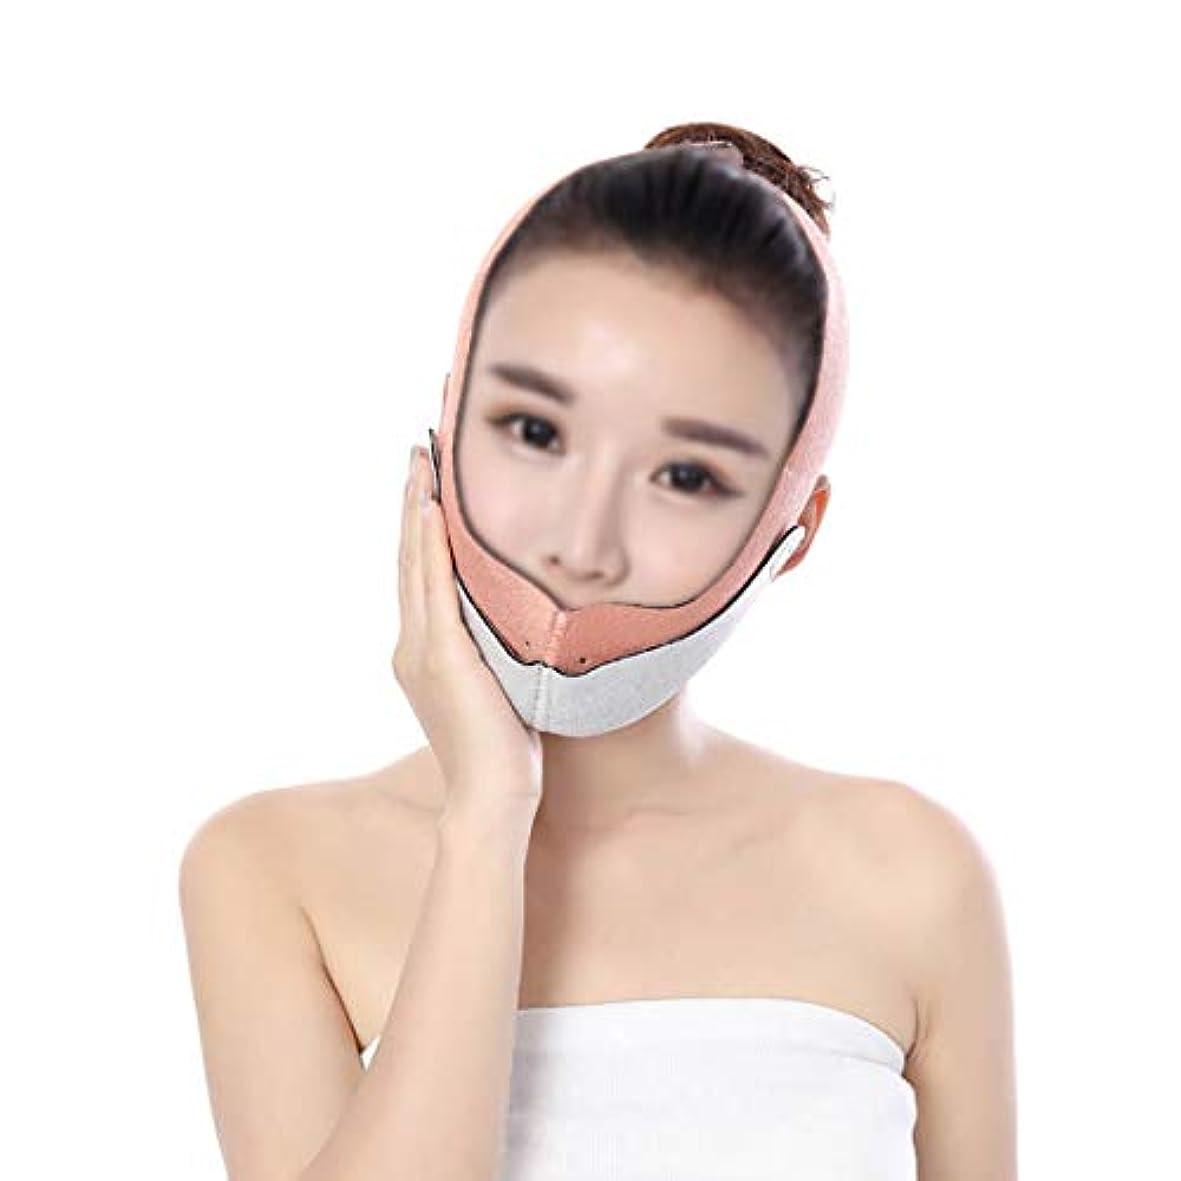 書くパーフェルビッド粒TLMY ファーミングマスク薄い顔アーティファクト補正フェイスリフティングアンチたるみ包帯美容マスクマスクVフェイスクロスツール 顔用整形マスク